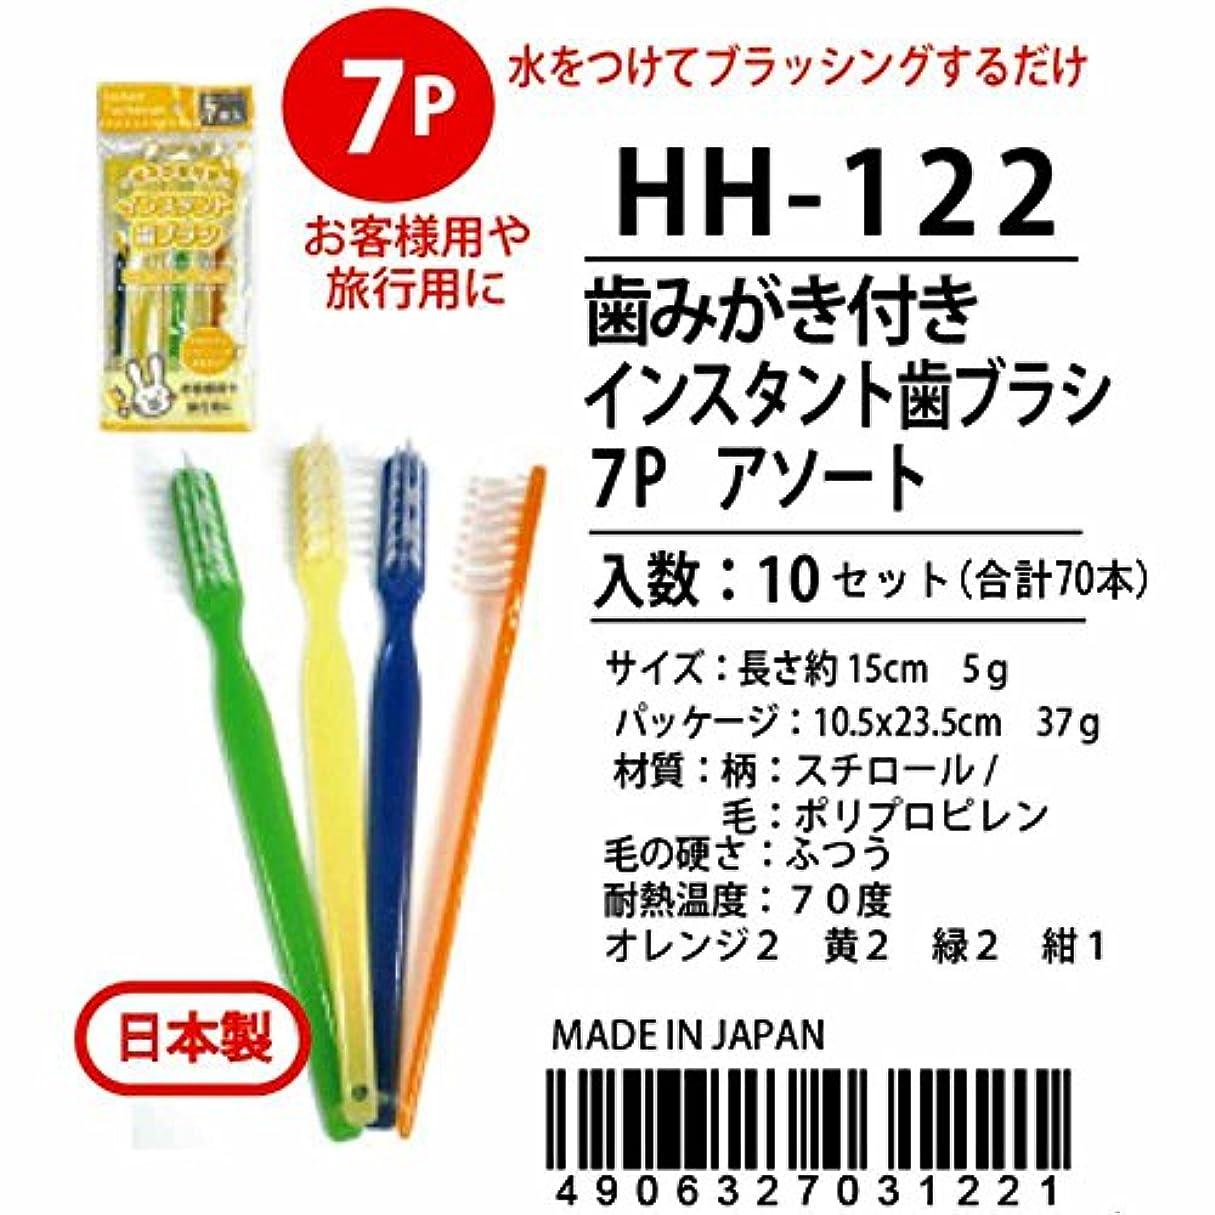 床を掃除するコーナー知覚するスバル 歯みがき付きインスタント歯ブラシ7P アソート HH-122 【まとめ買い10個セット】